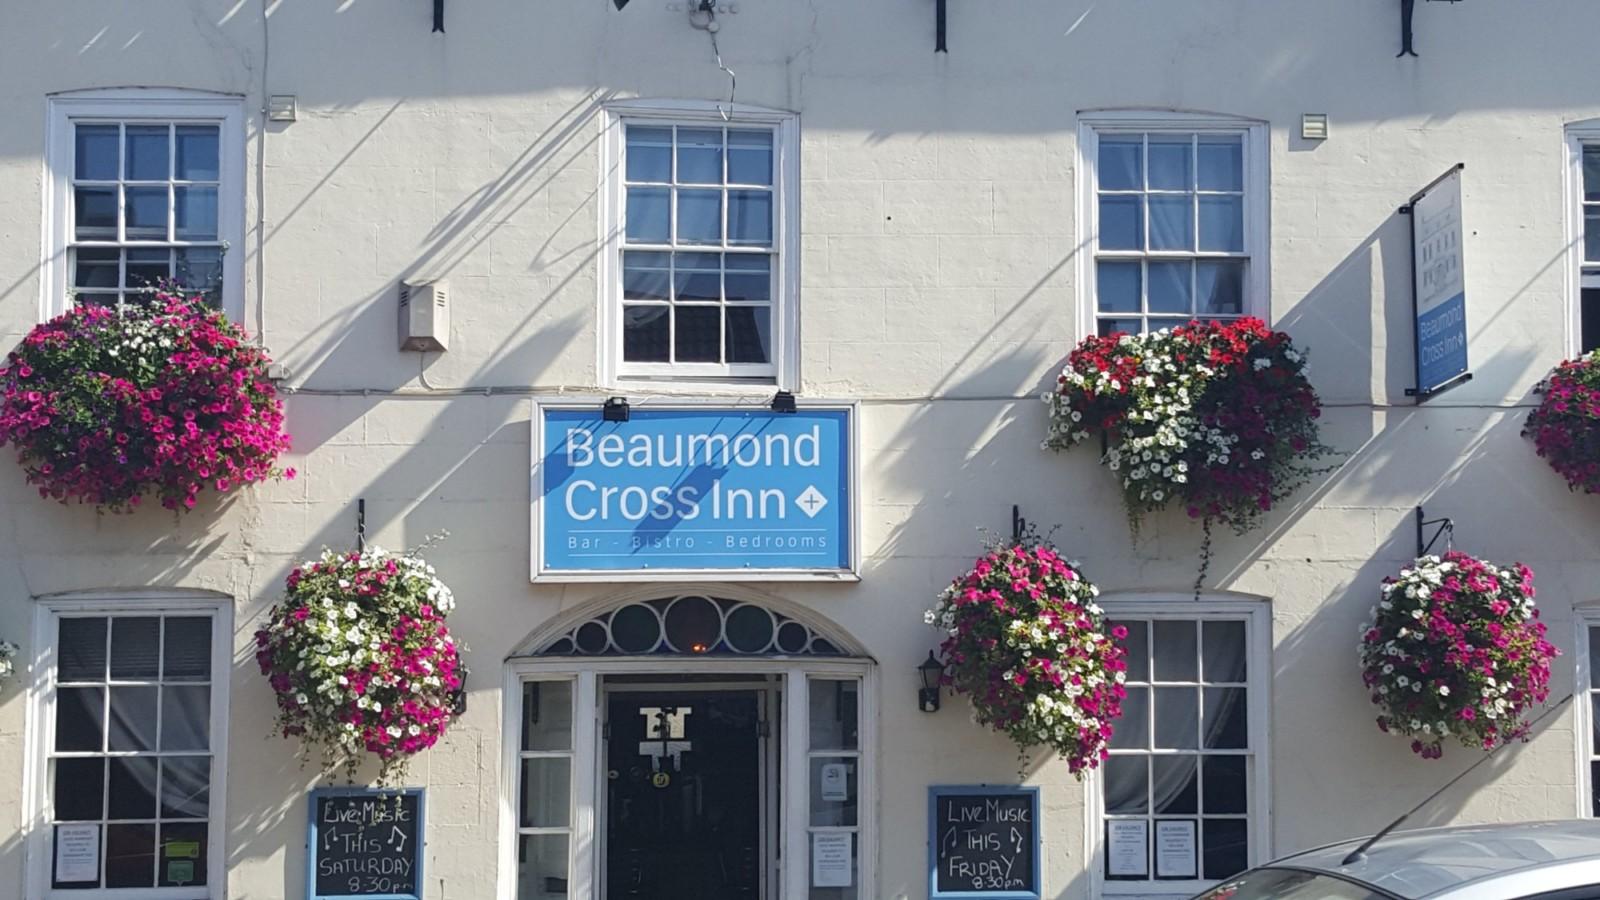 Beaumond cross Inn